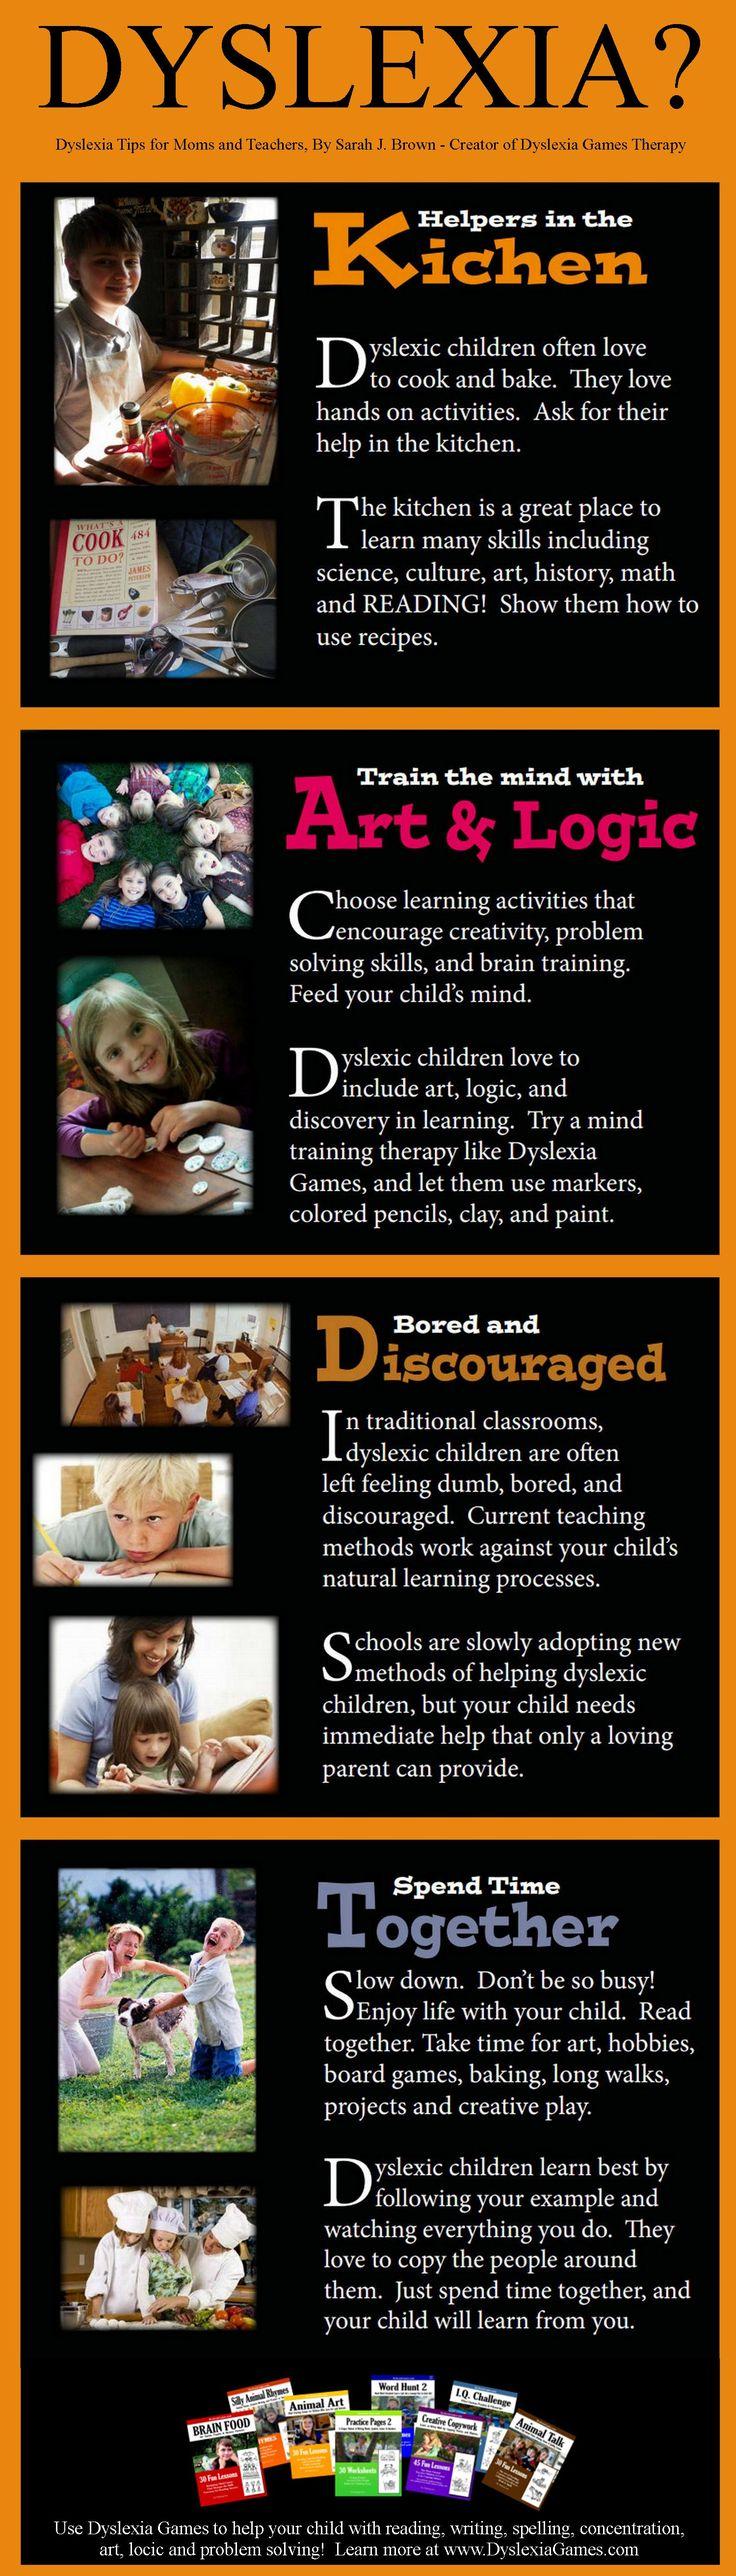 Dyslexia Tips www.DyslexiaGames.com #Dyslexia #Dyslexia Strategies